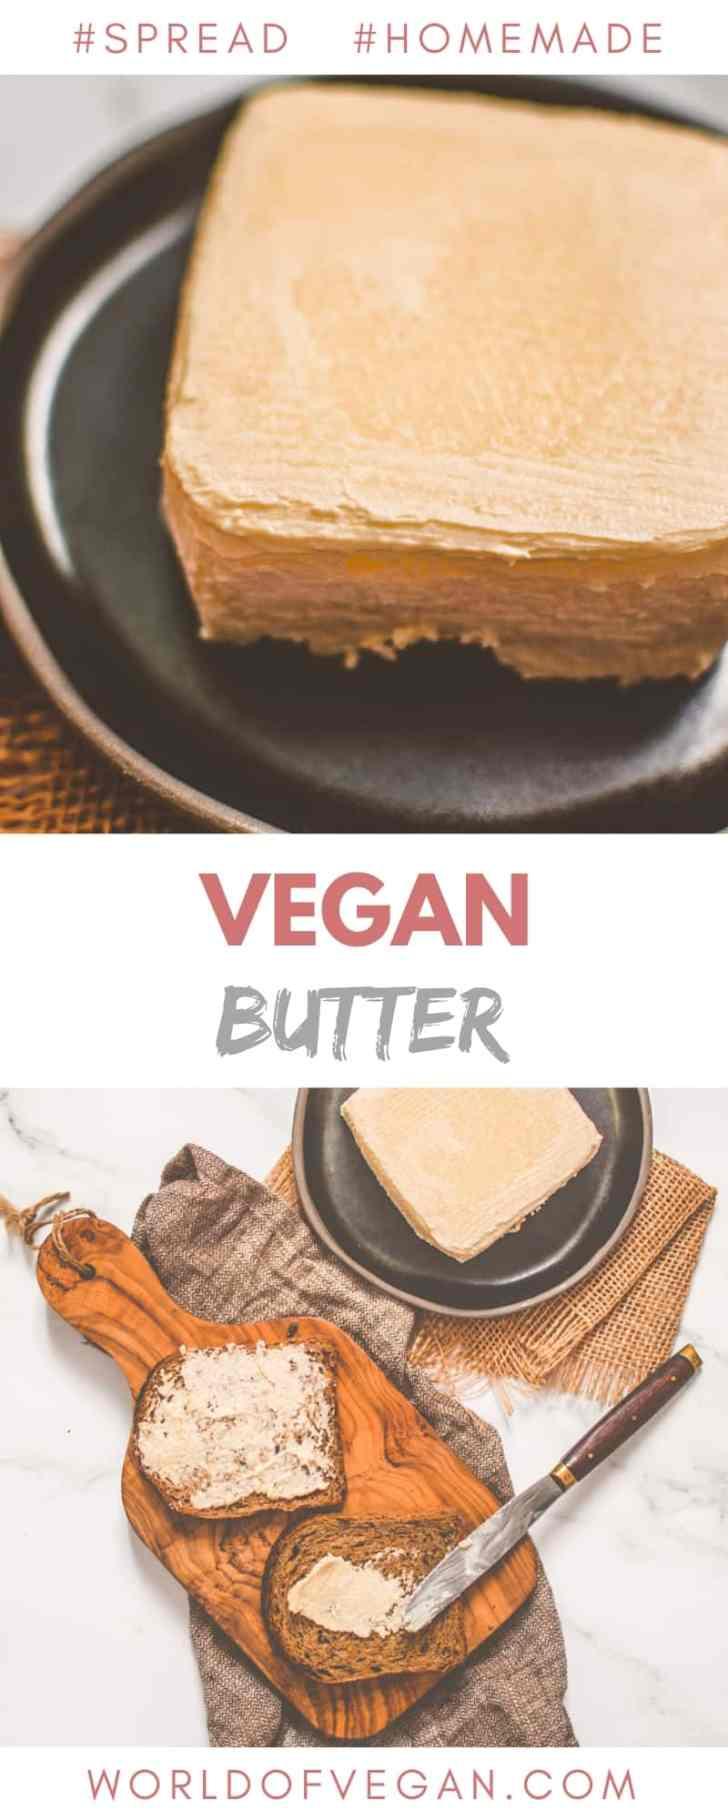 Homemade Vegan Butter | World of Vegan | #butter #margarine #vegan #spread #worldofvegan